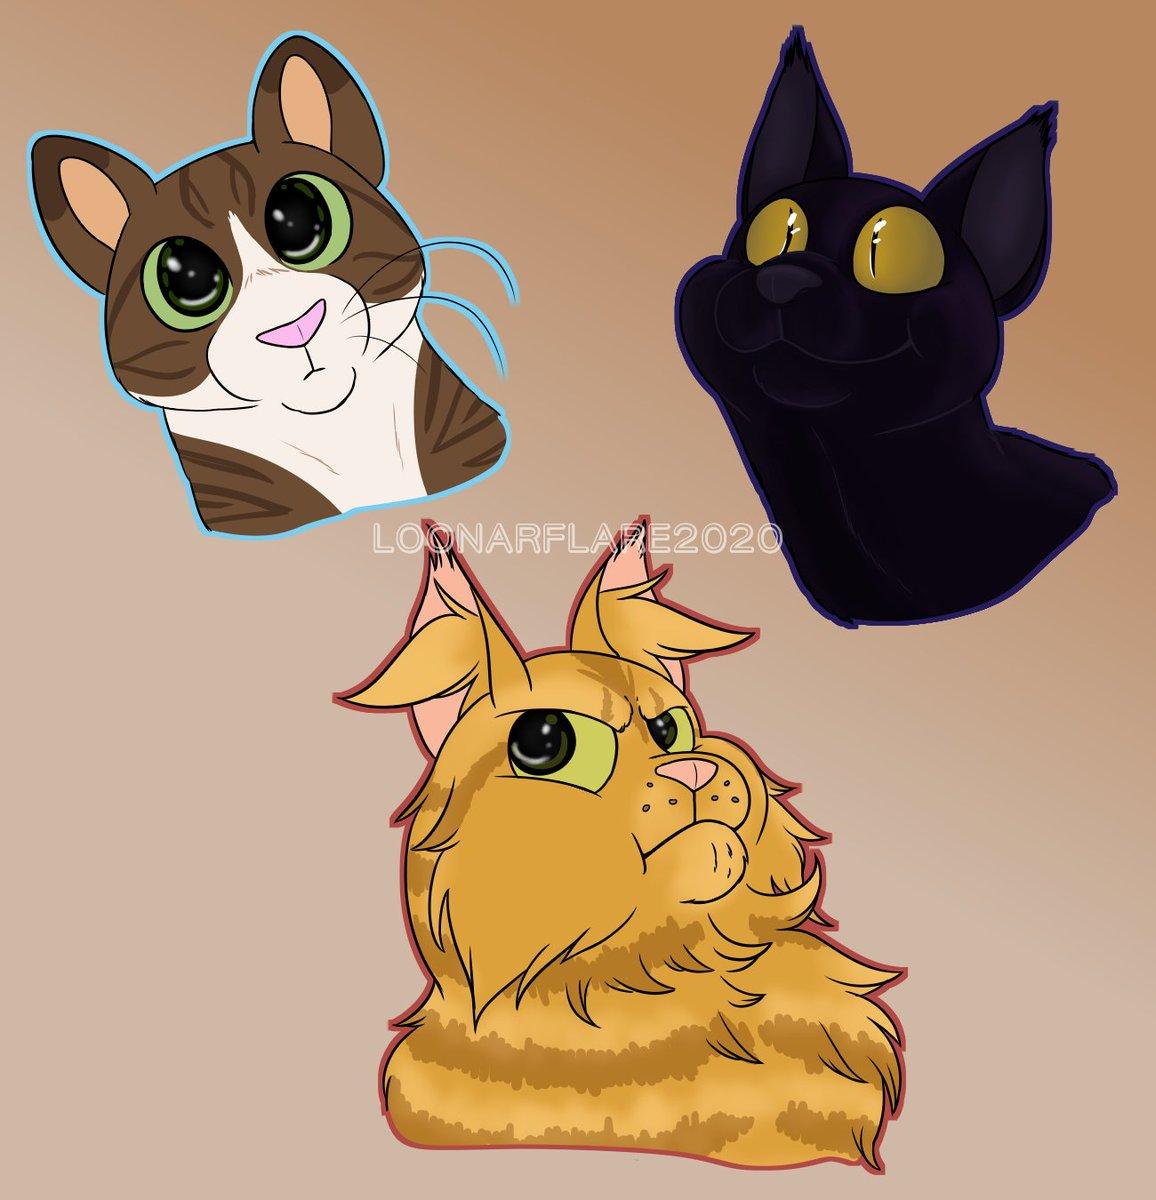 favorite cat twitter headshots // may 2020 @CokeZeroCat @brrbrrblueberry @CatsaneTeto